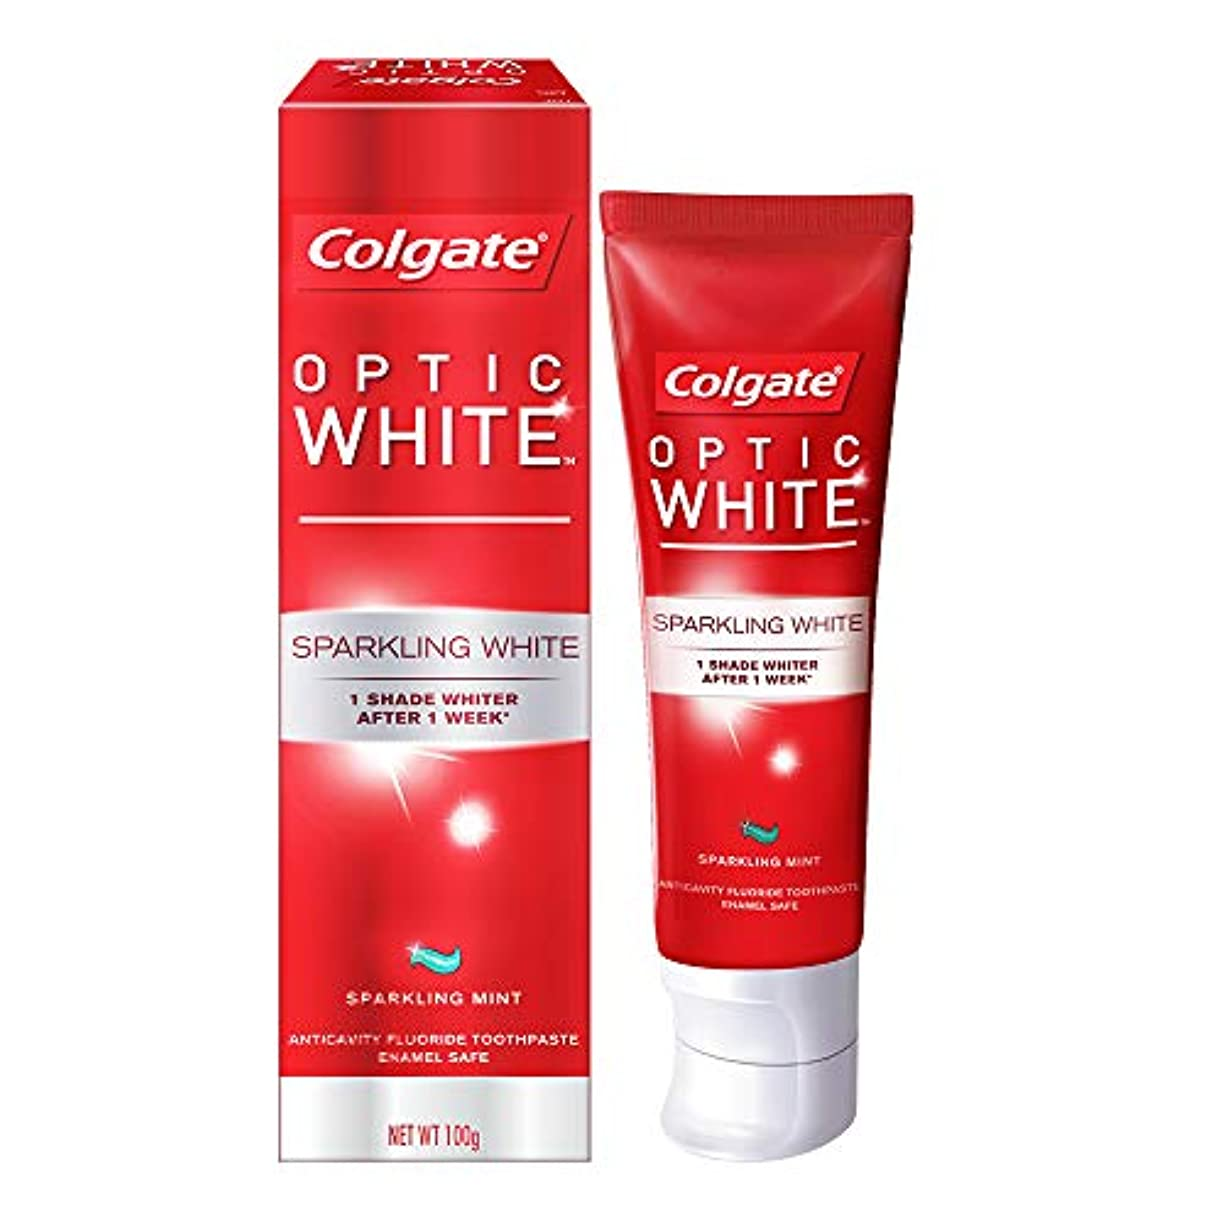 保険そこ言語学コールゲート オプティック ホワイト スパークリングシャイン 100g 歯磨き粉 Colgate Optic White Sparkling Shine 100g Tooth Paste